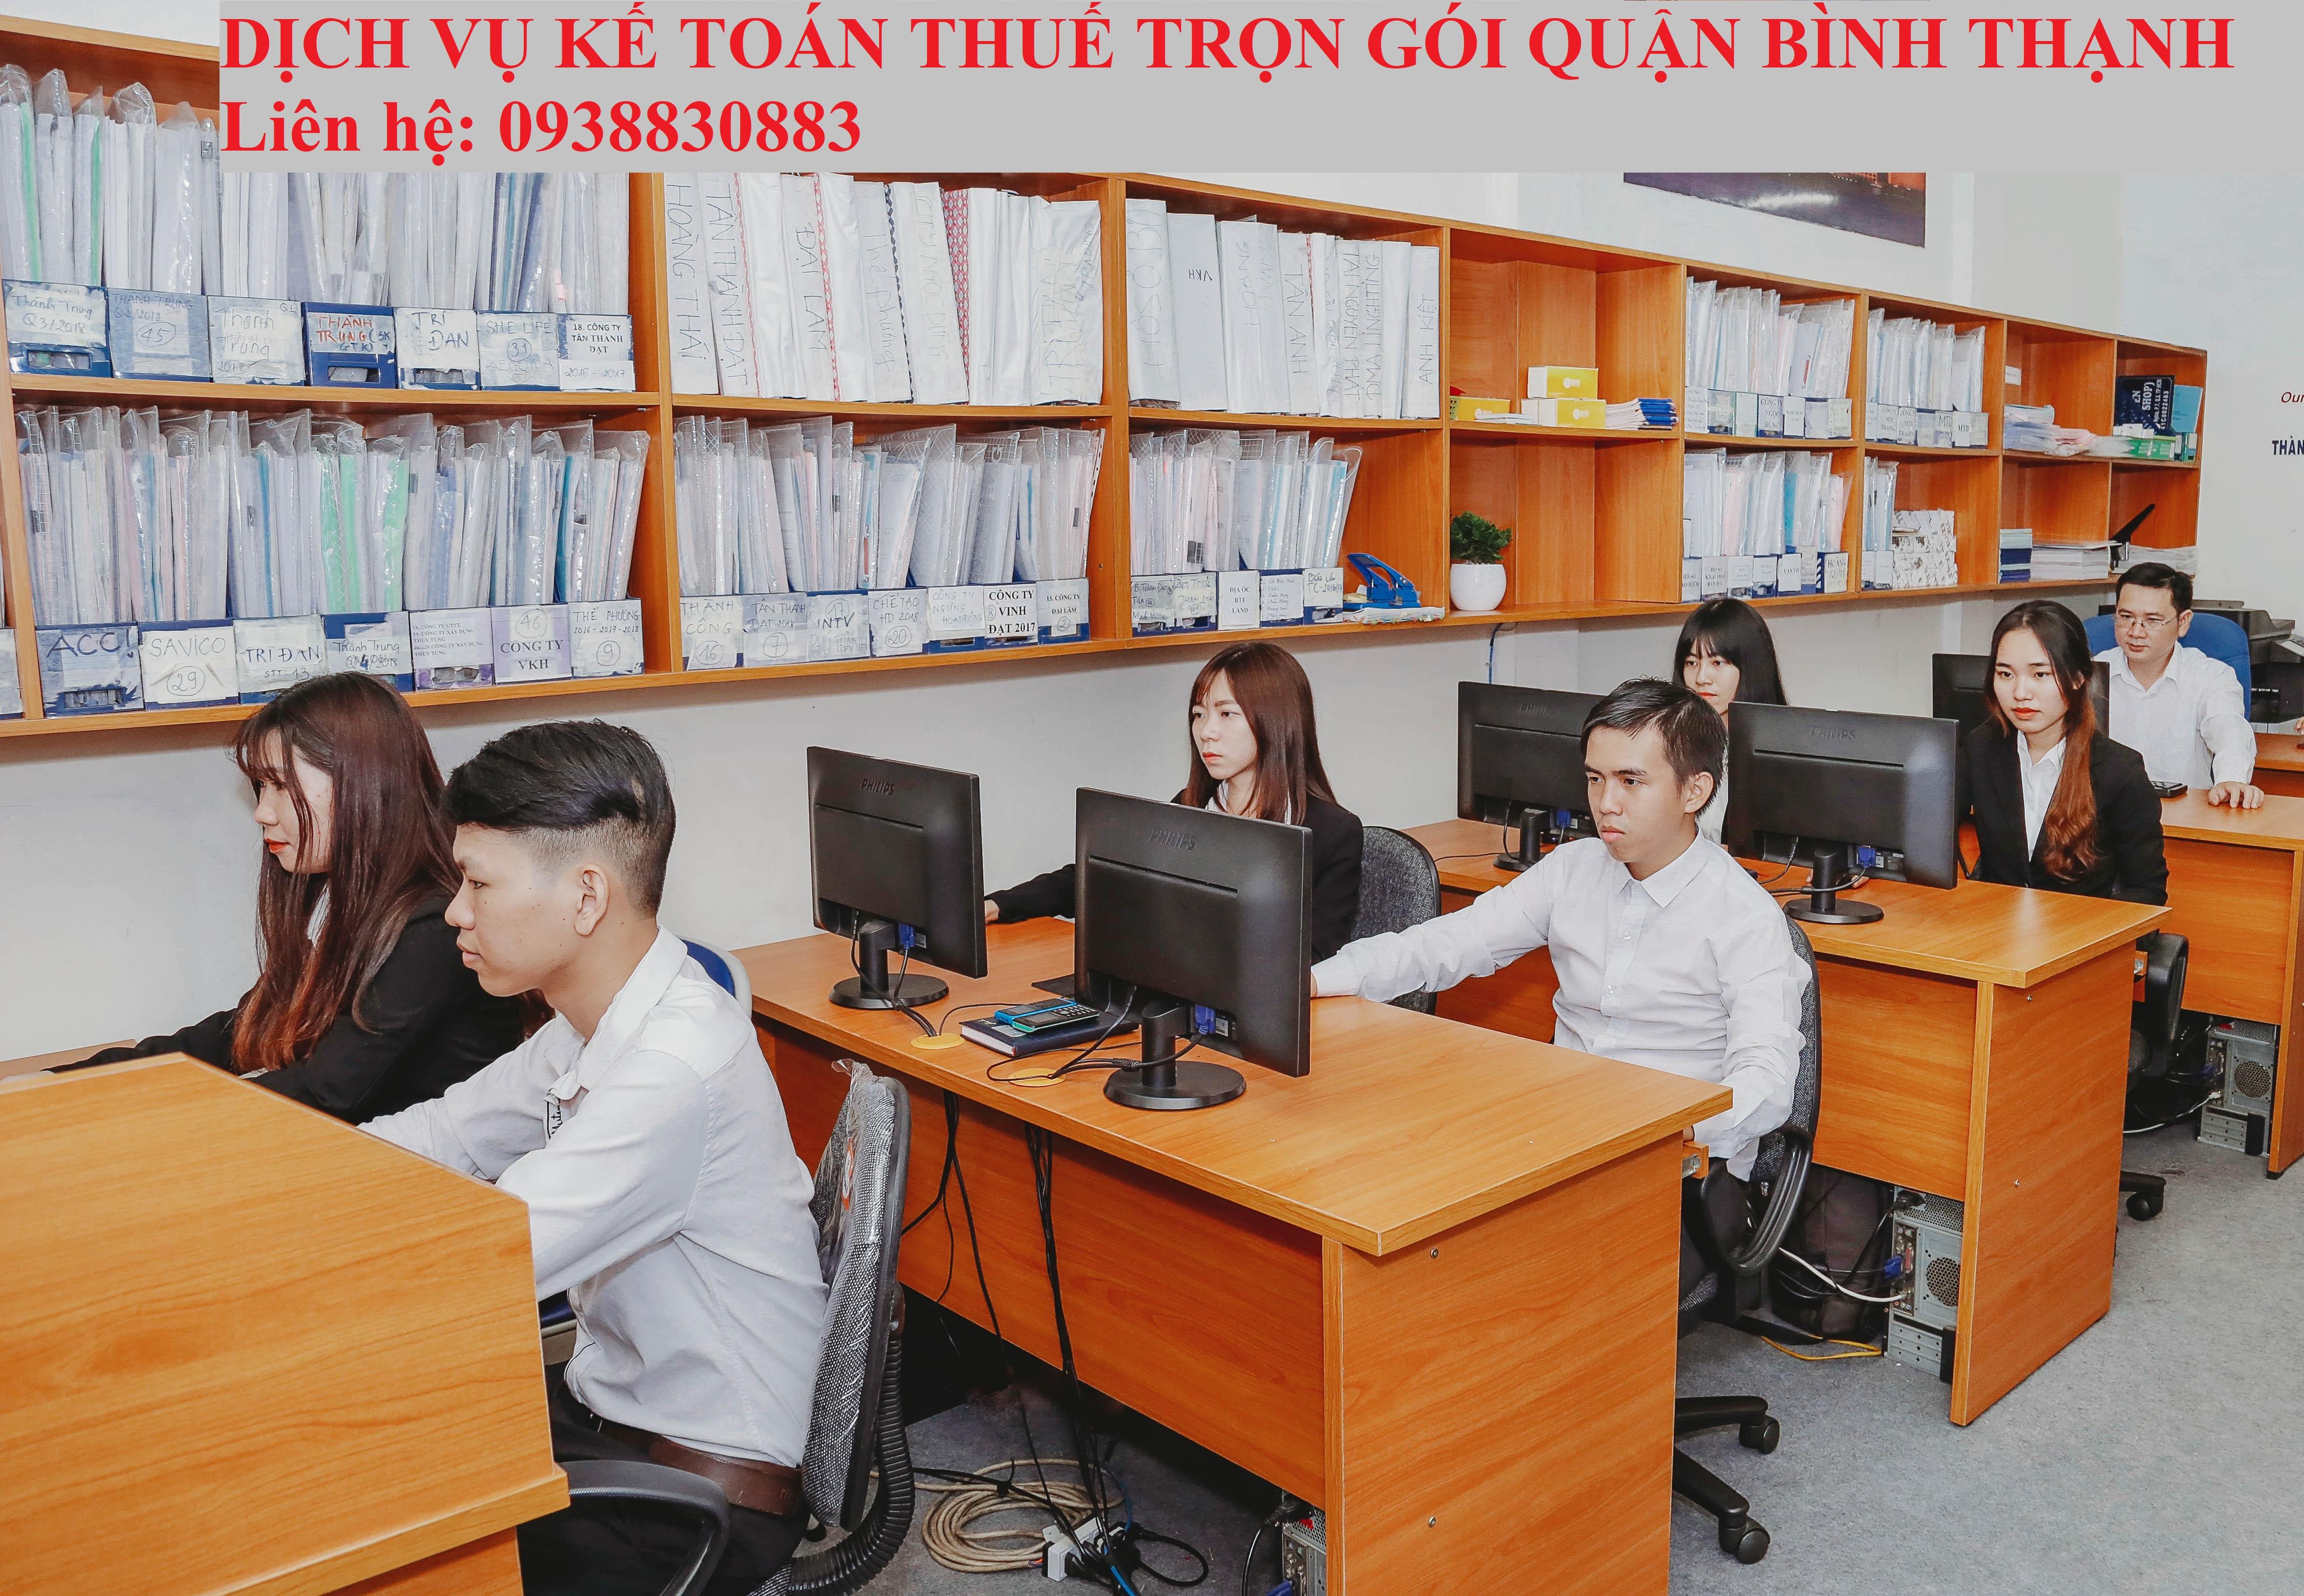 Dịch vụ Kế toán Thuế quận Bình Thạnh